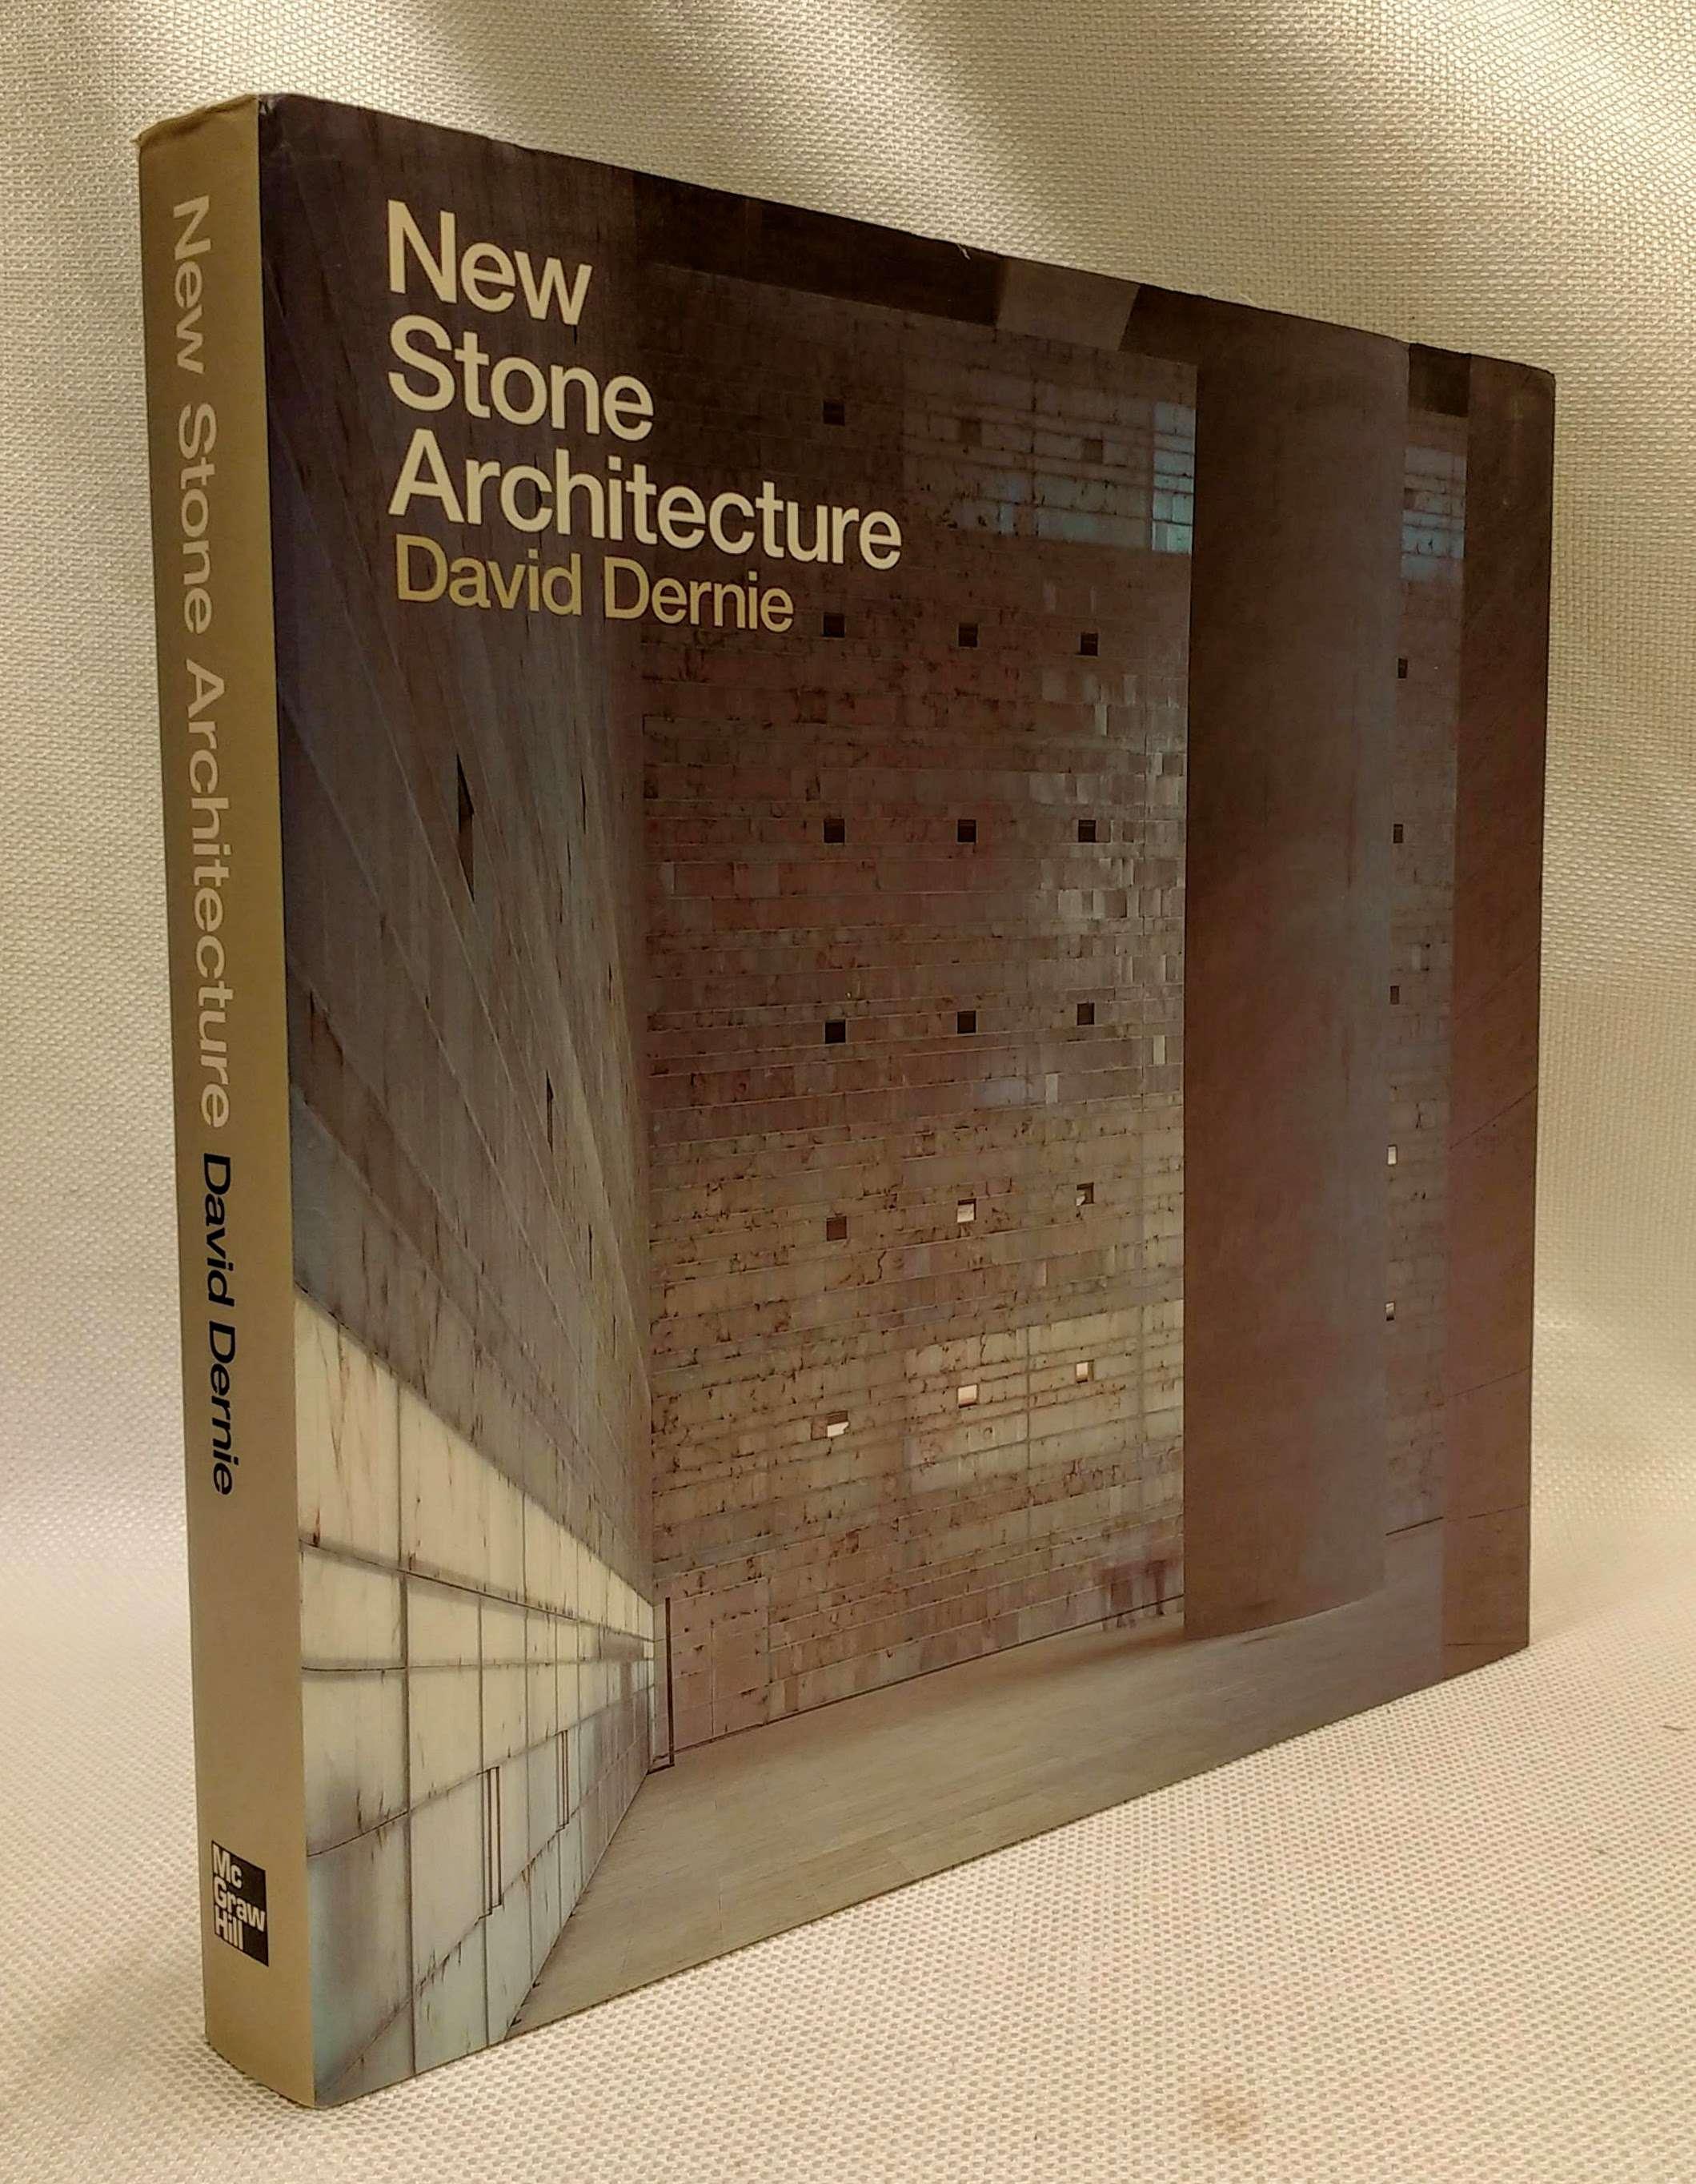 New Stone Architecture, Dernie, David